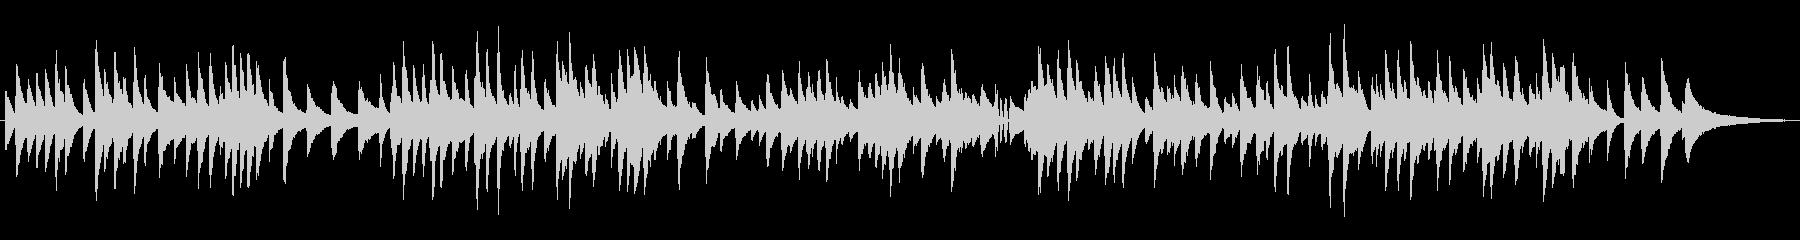 ゆっくりなジャズラウンジピアノソロの未再生の波形